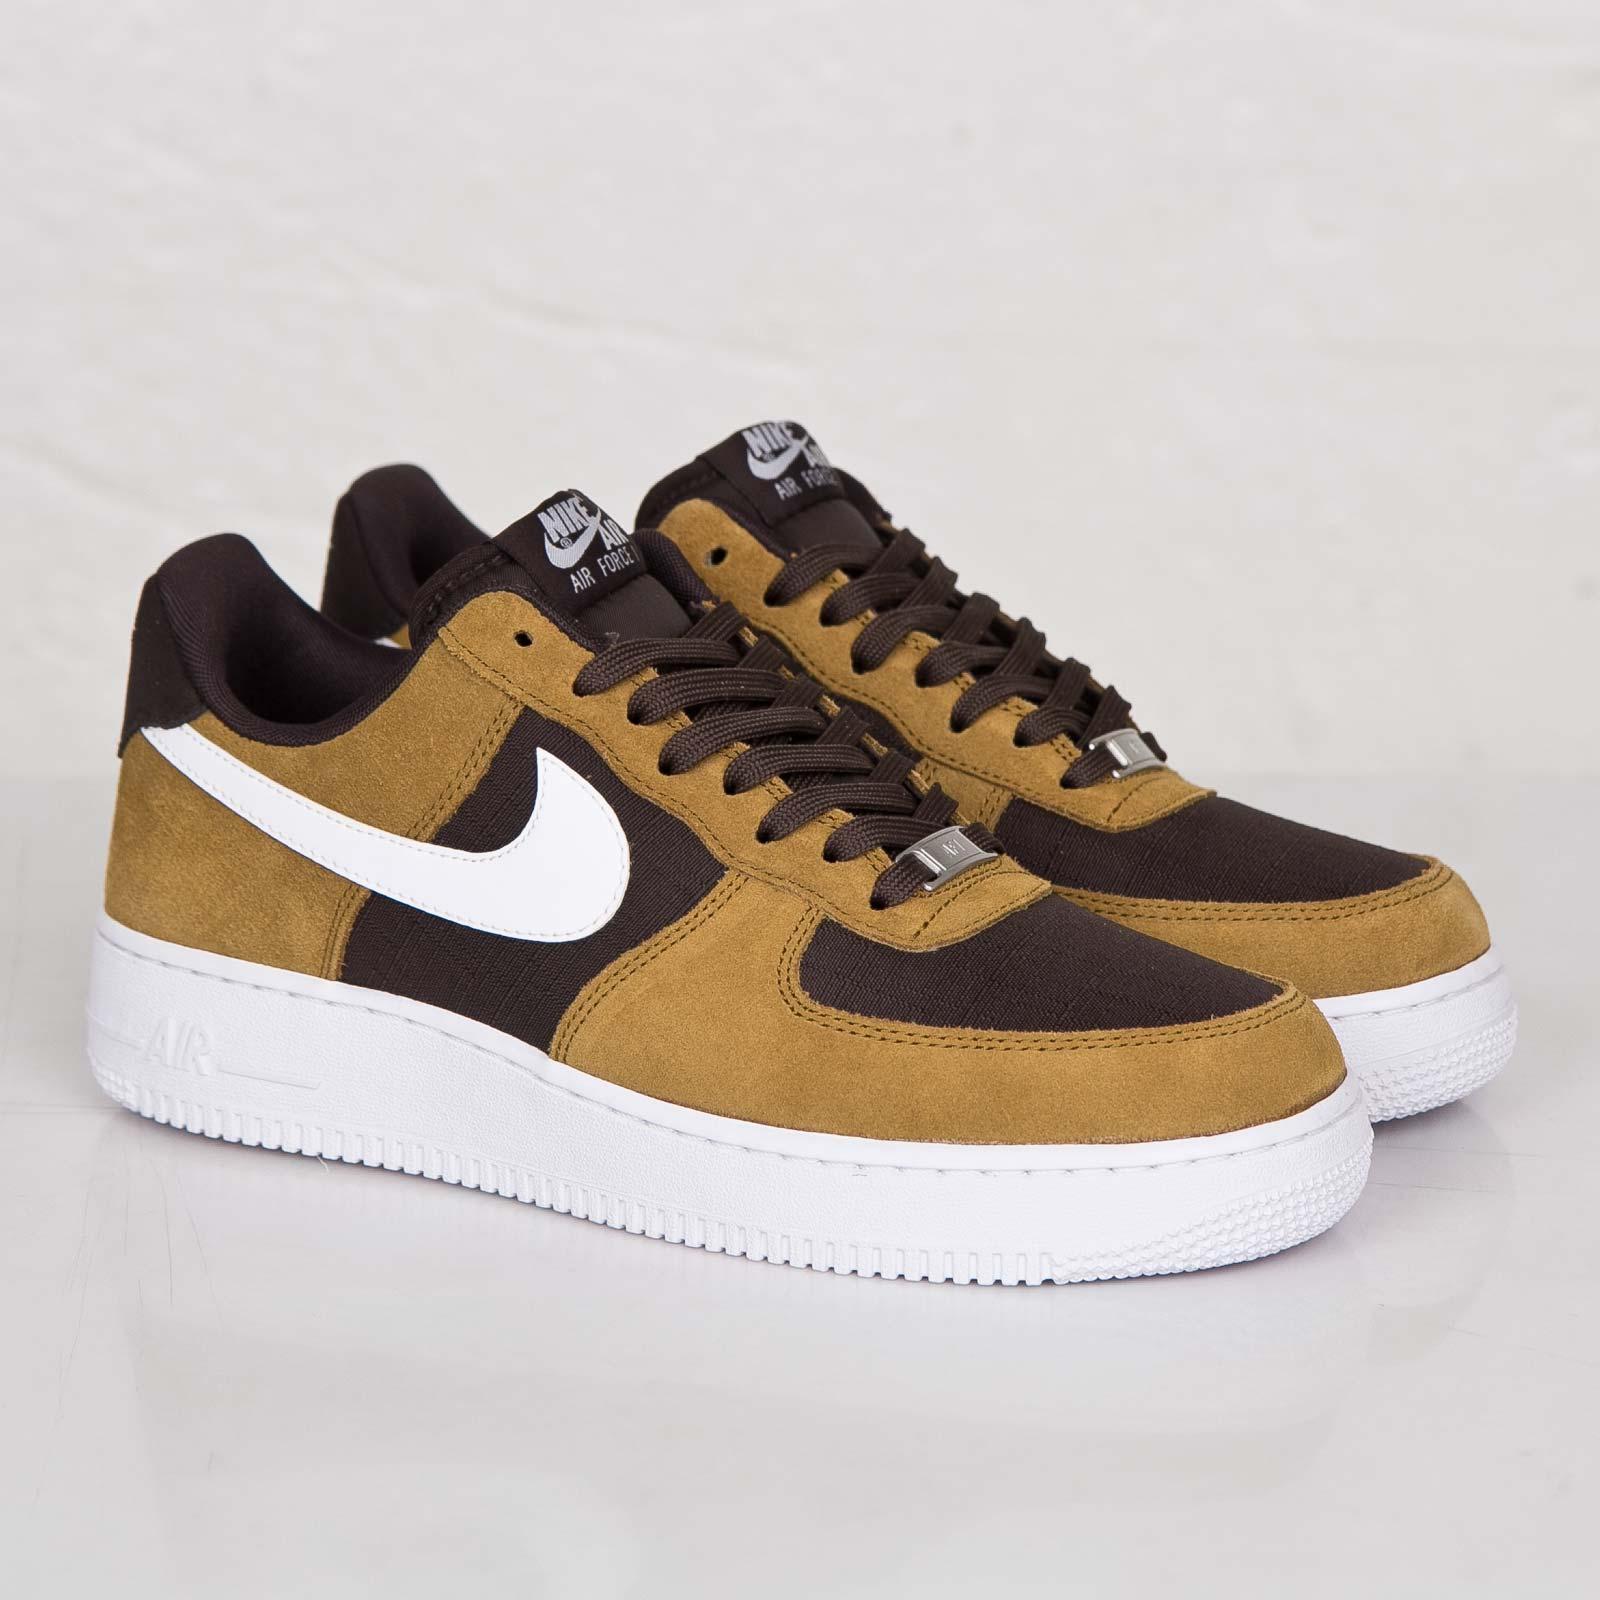 site réputé 1d884 df997 Nike Air Force 1 - 488298-207 - Sneakersnstuff | sneakers ...